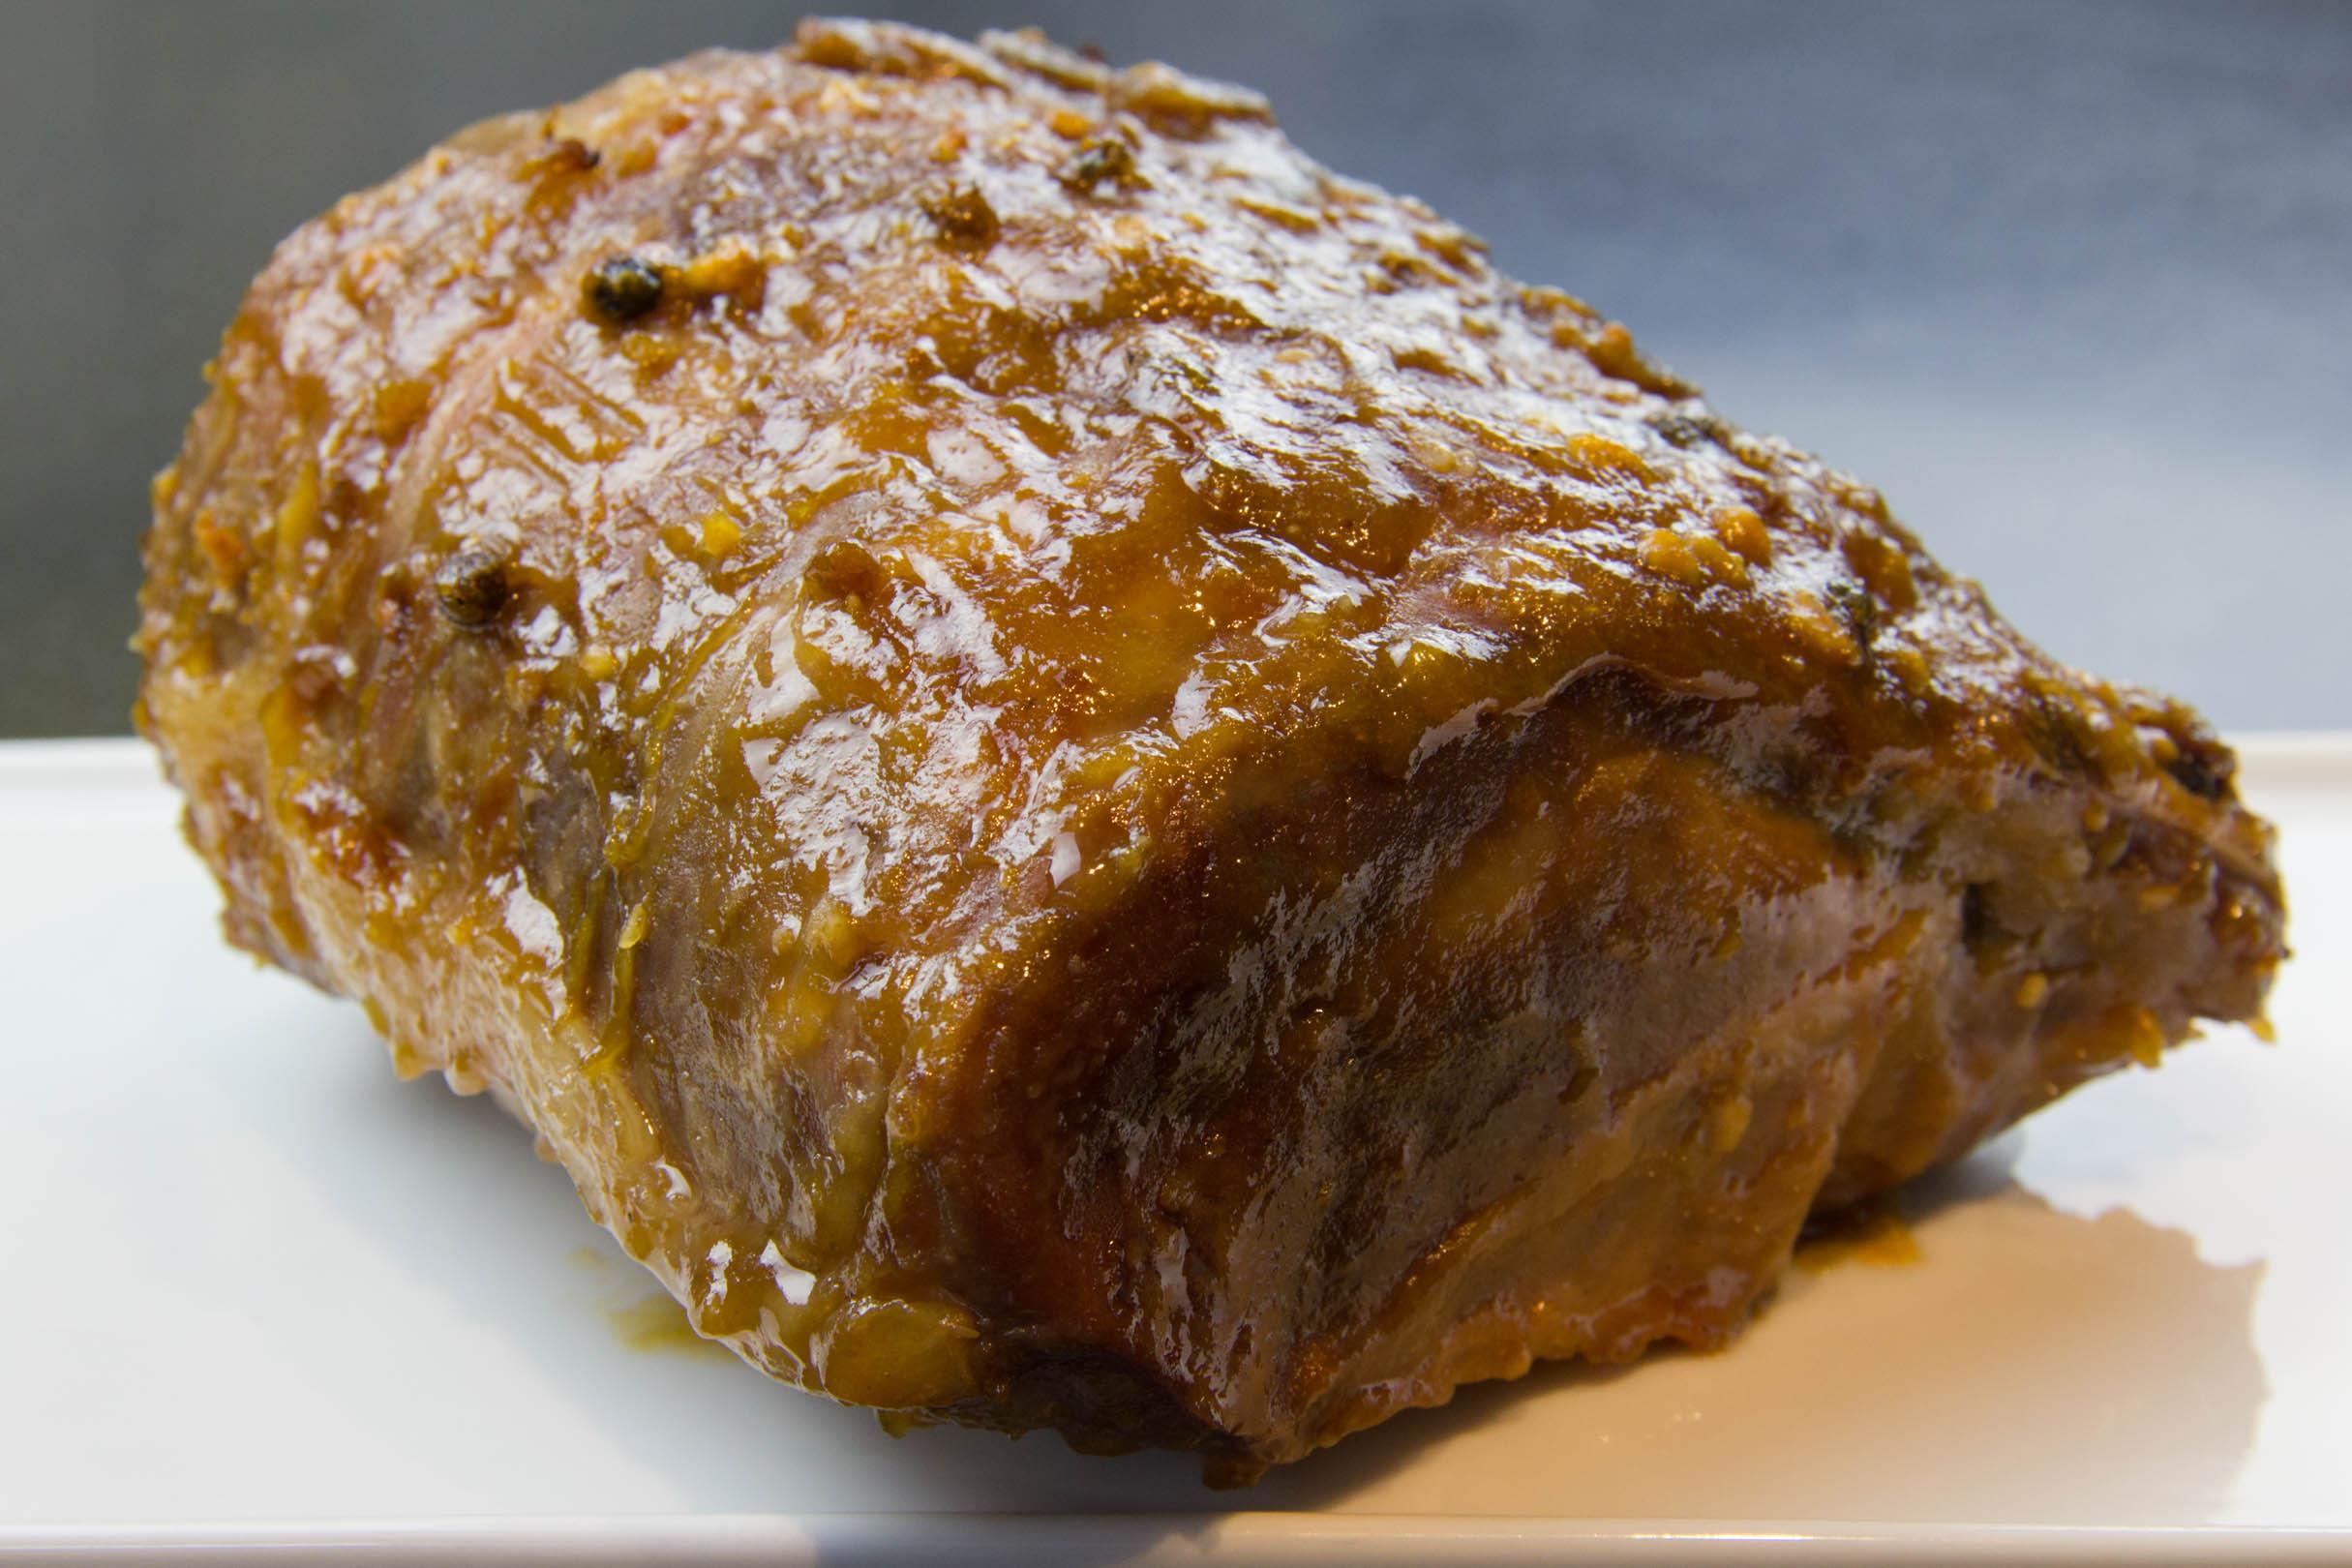 Porc laqu aux cacahu tes sous vide basse temp rature les gourmantissimes - Cuisine basse temperature recettes ...